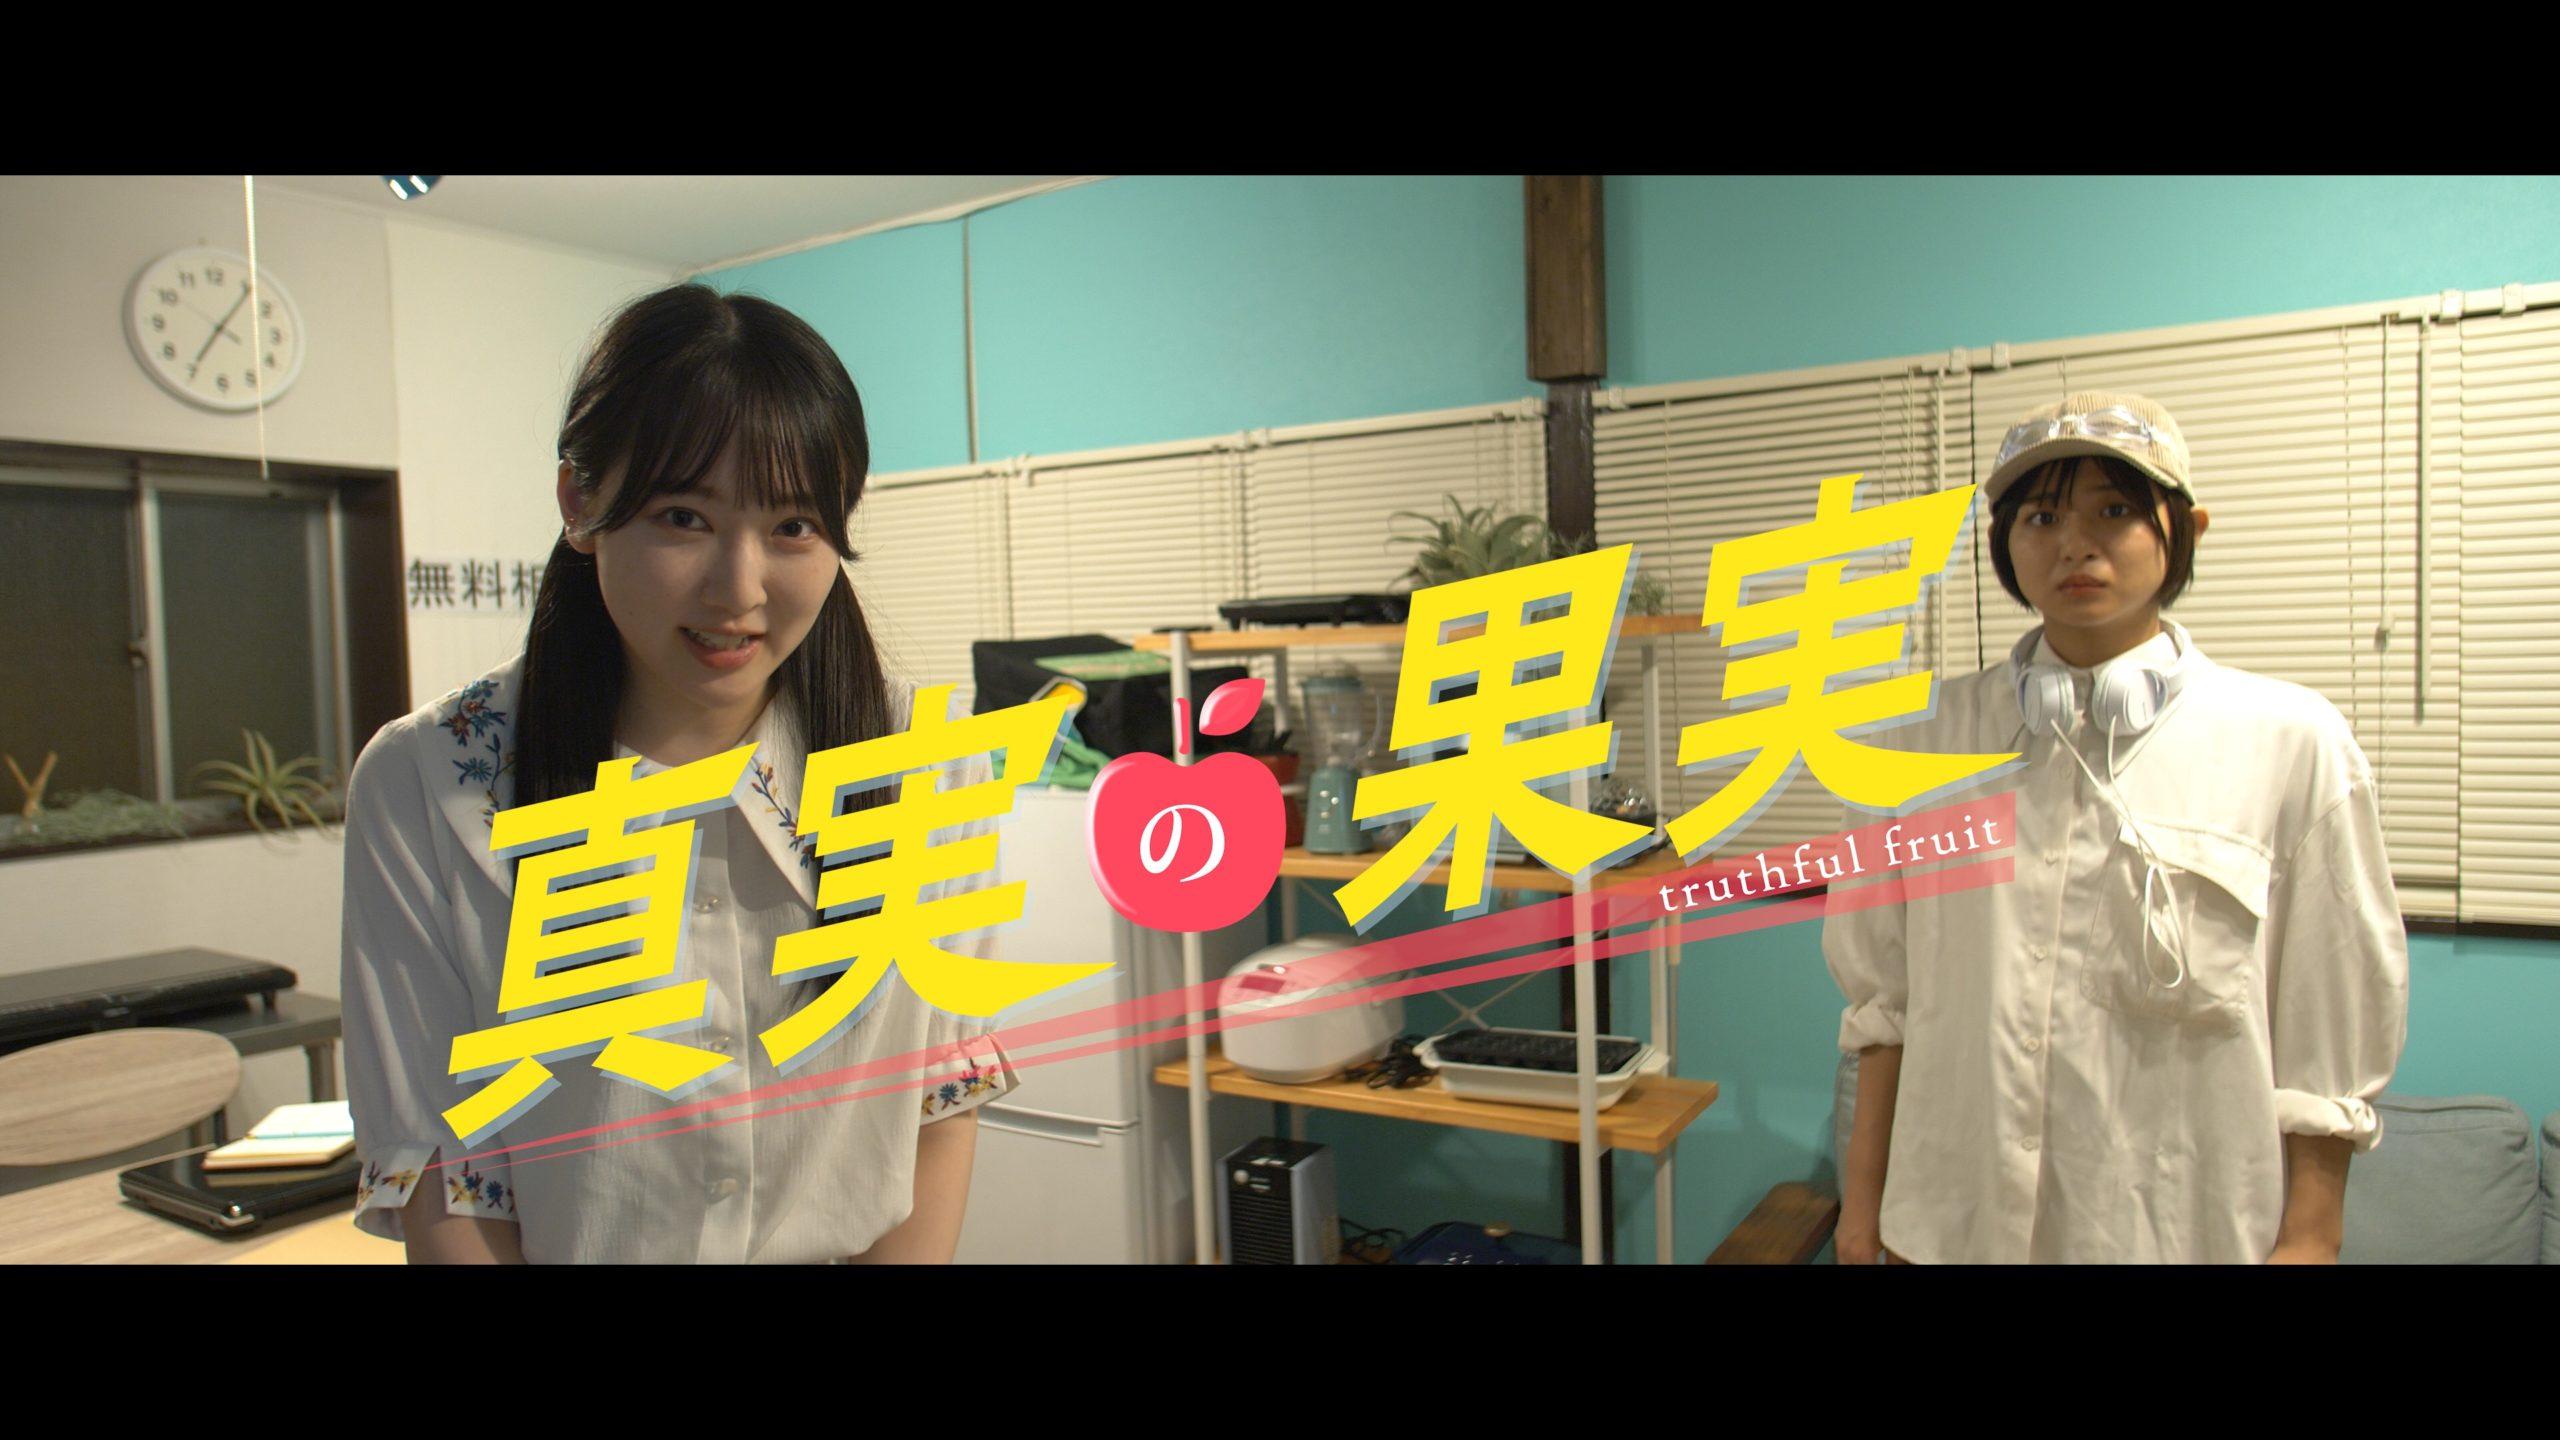 WEBドラマ「ゴードン探偵事務所」第5話『真実の果実』公開!